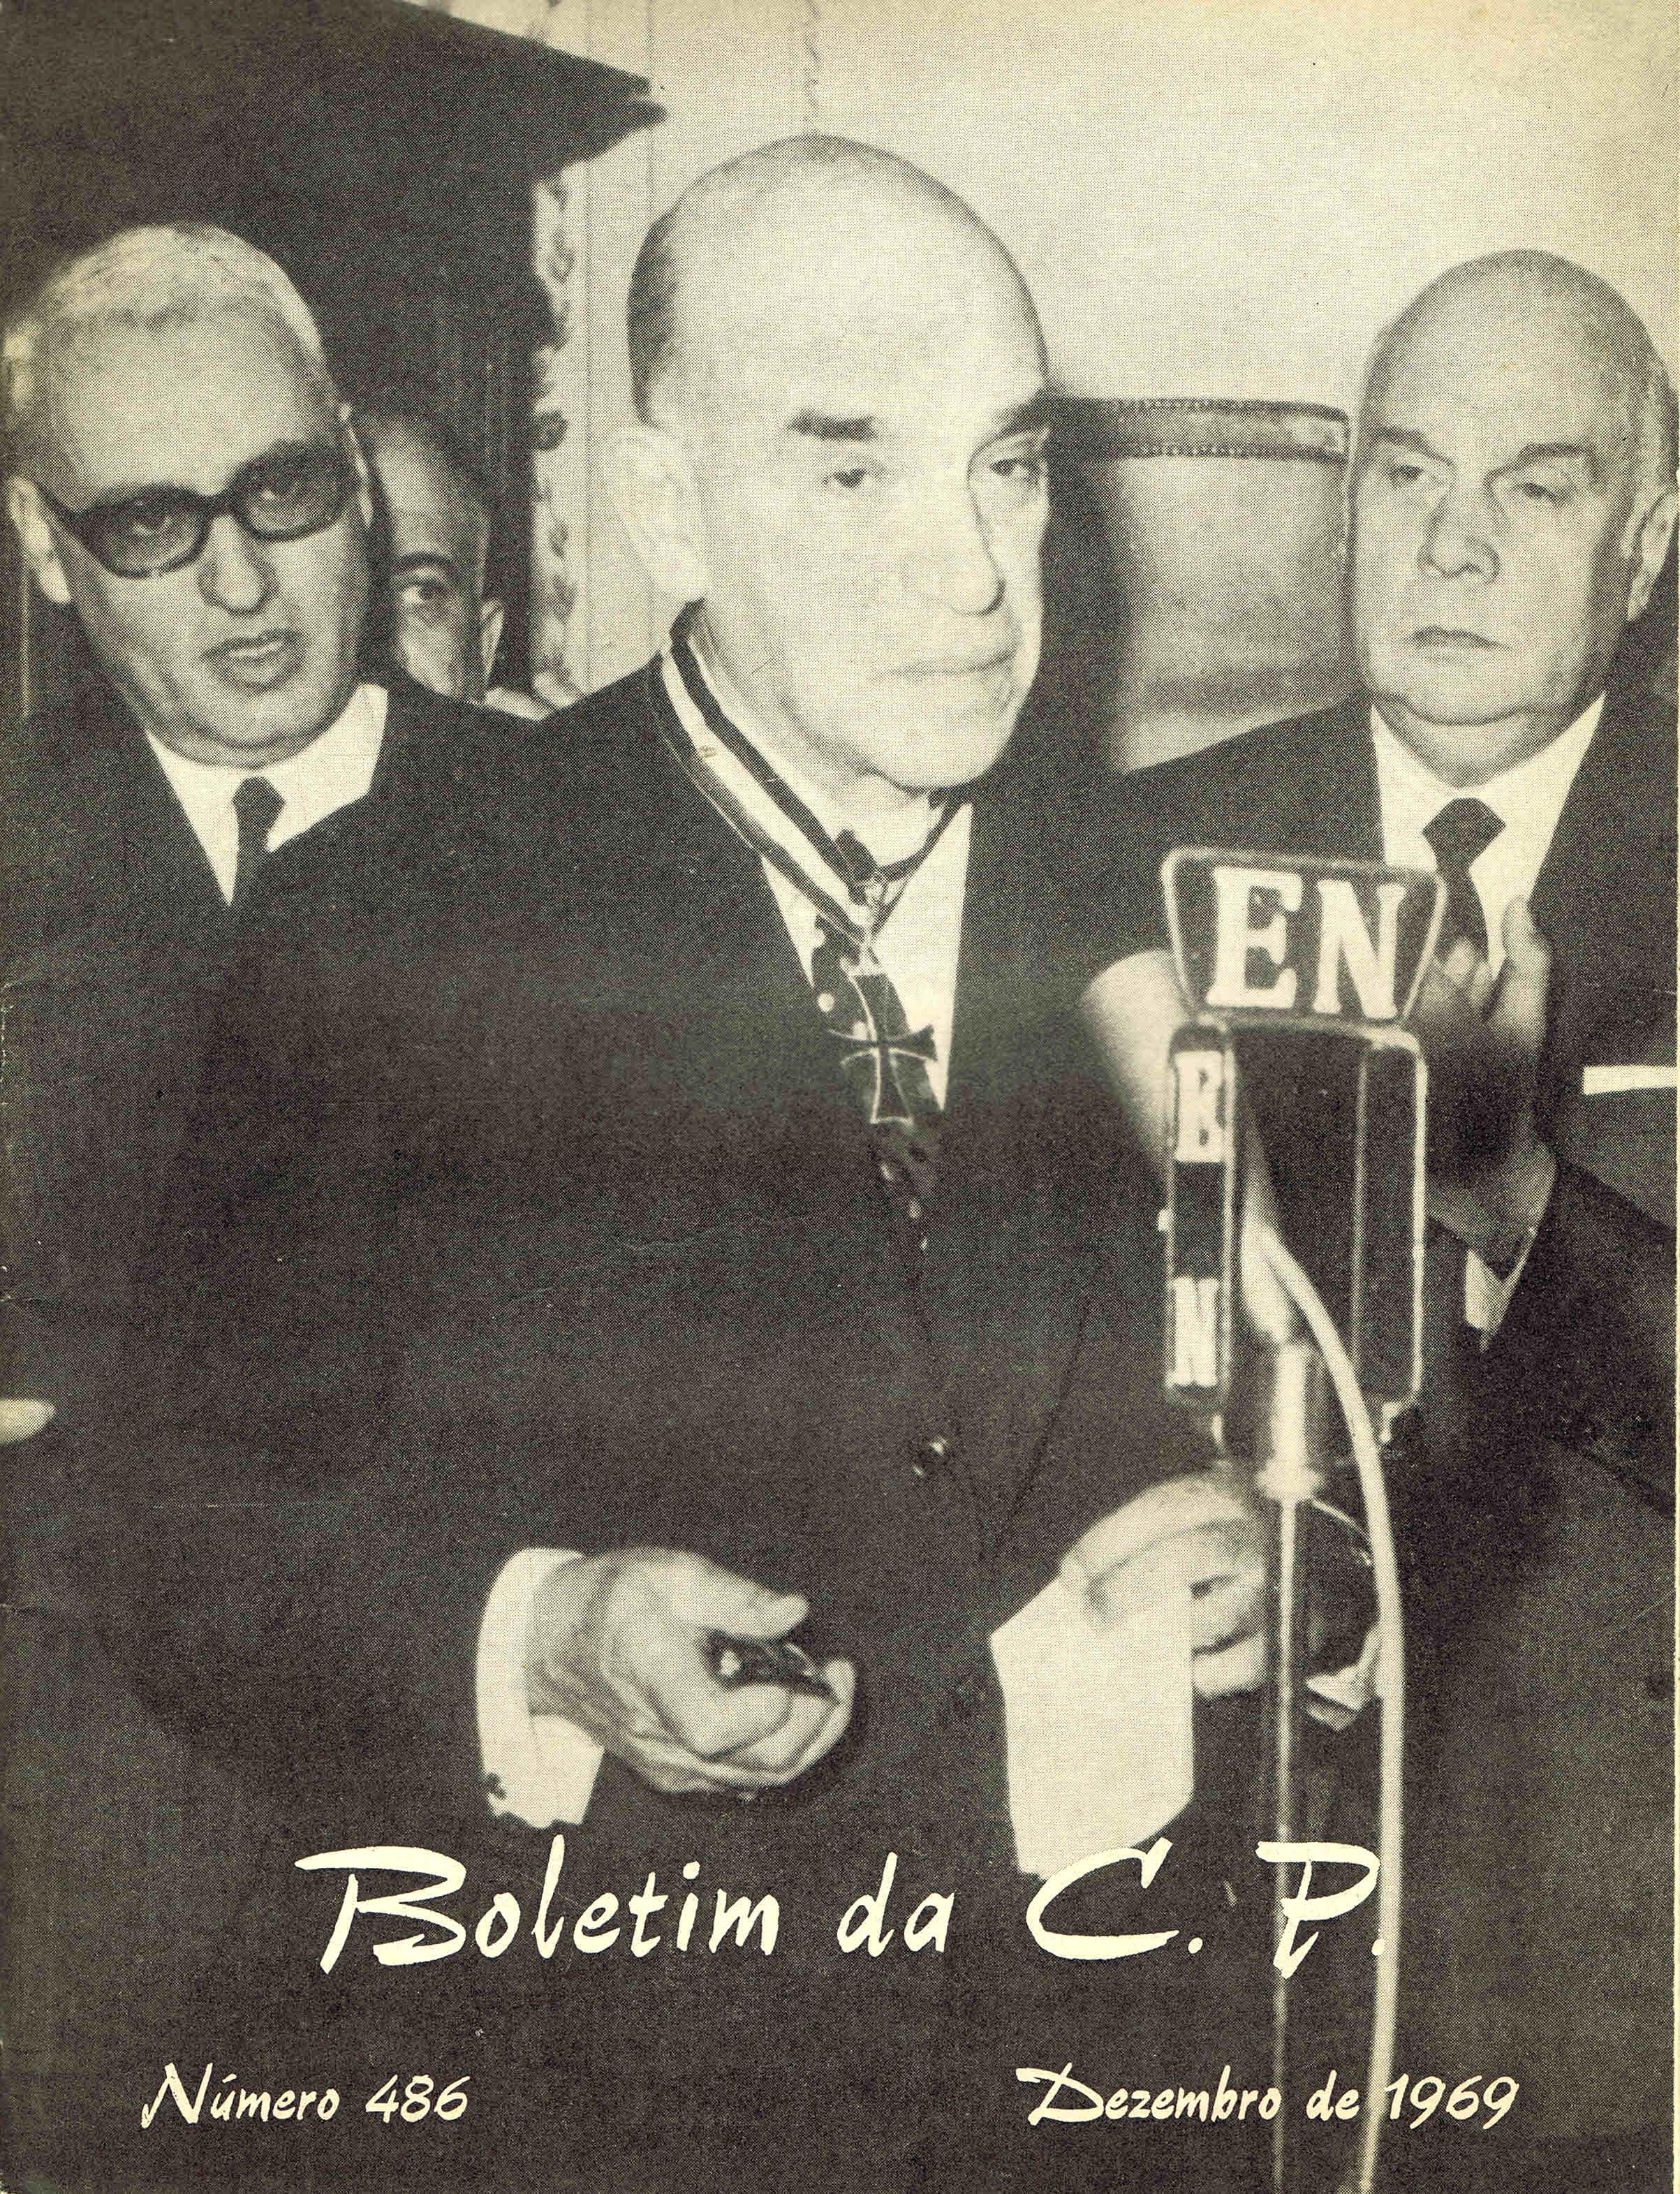 boletim da cp nº 486 dezembro de 1969